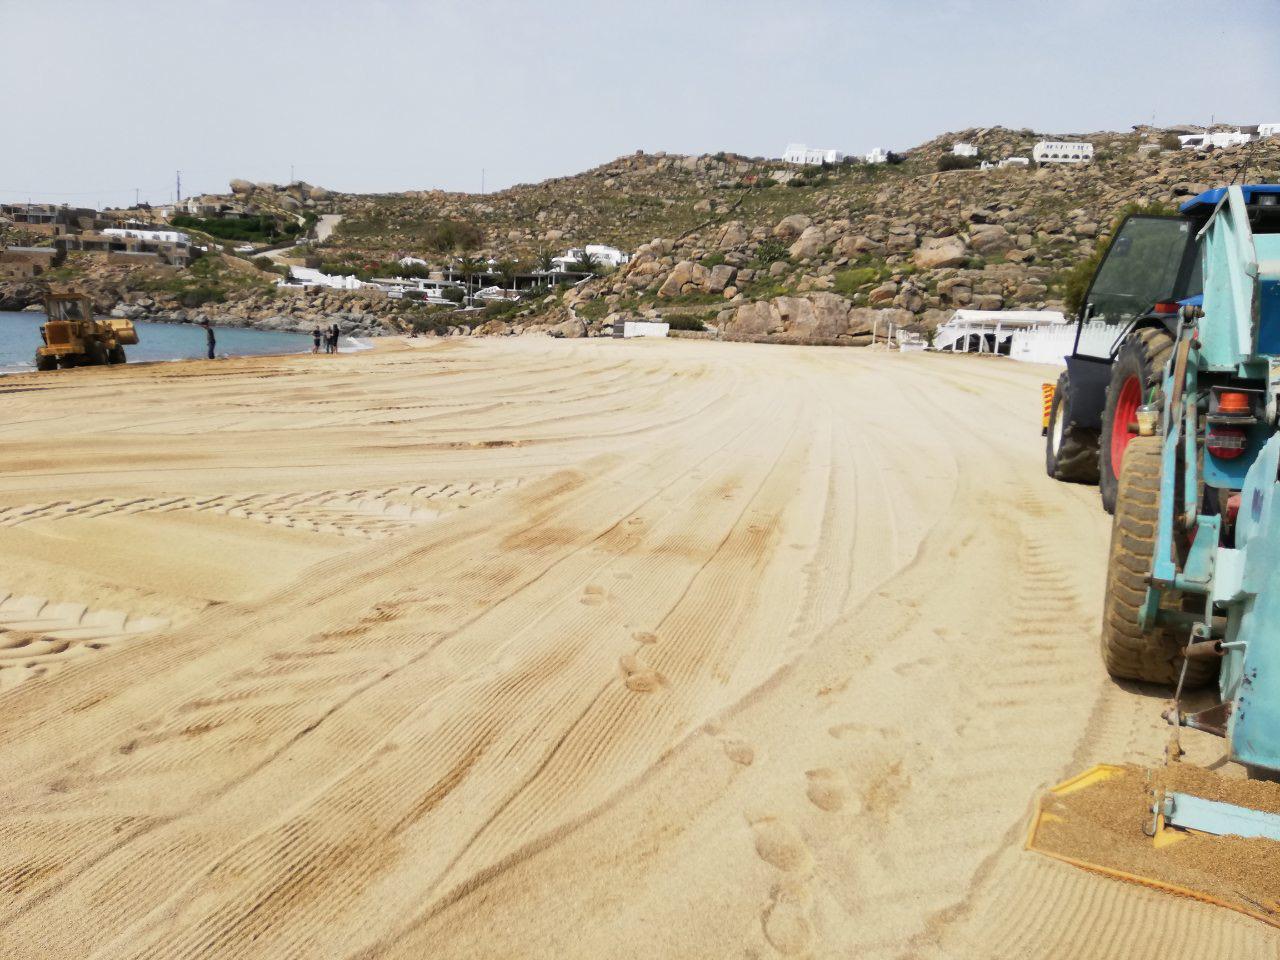 Έτοιμες οι παραλίες για να υποδεχθούν τους τουρίστες - Ολοκληρώθηκε ο καθαρισμός